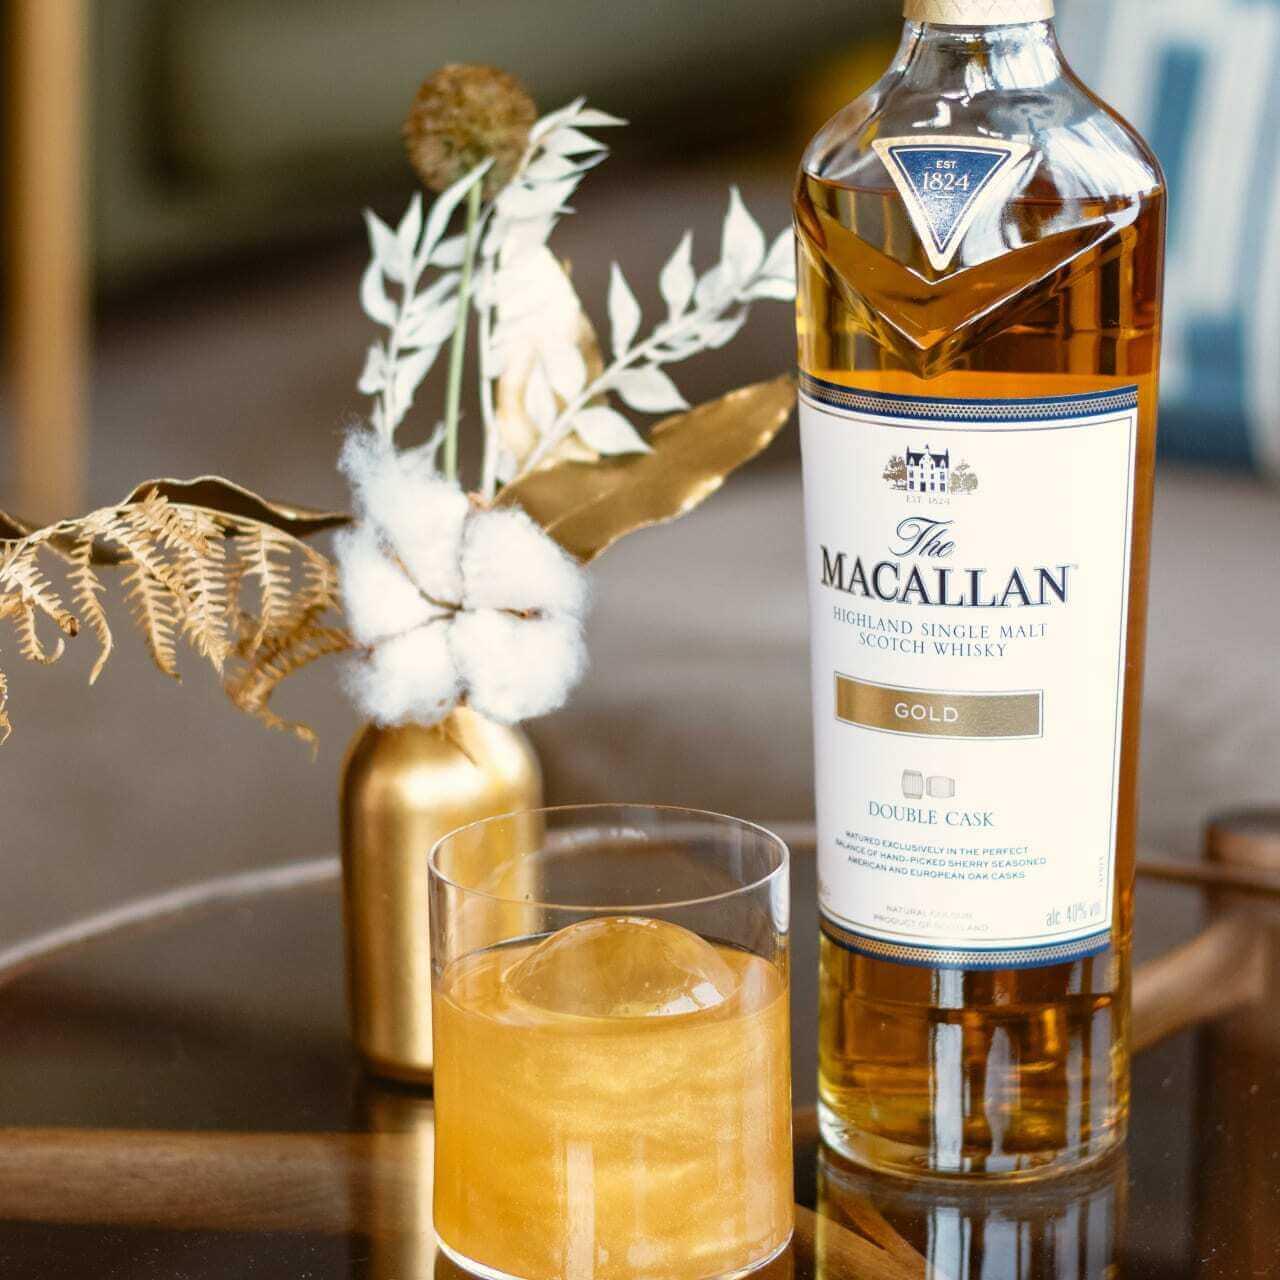 Hương vị đặc biệt của rượu Macallan Gold